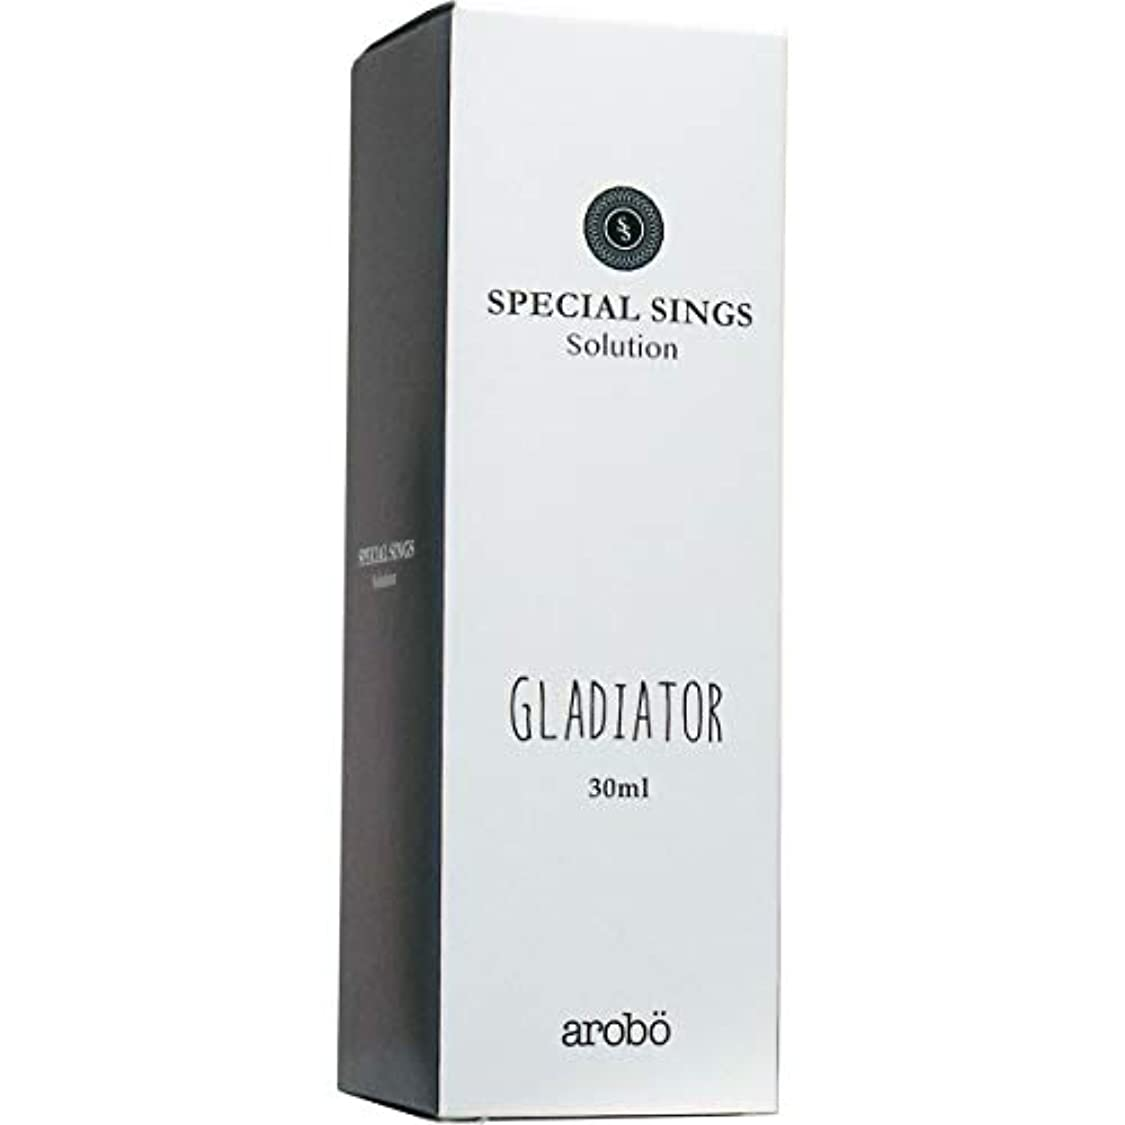 日のどピークスペシャルシングス ソリューション CLV-840 グラディエーター 30ml